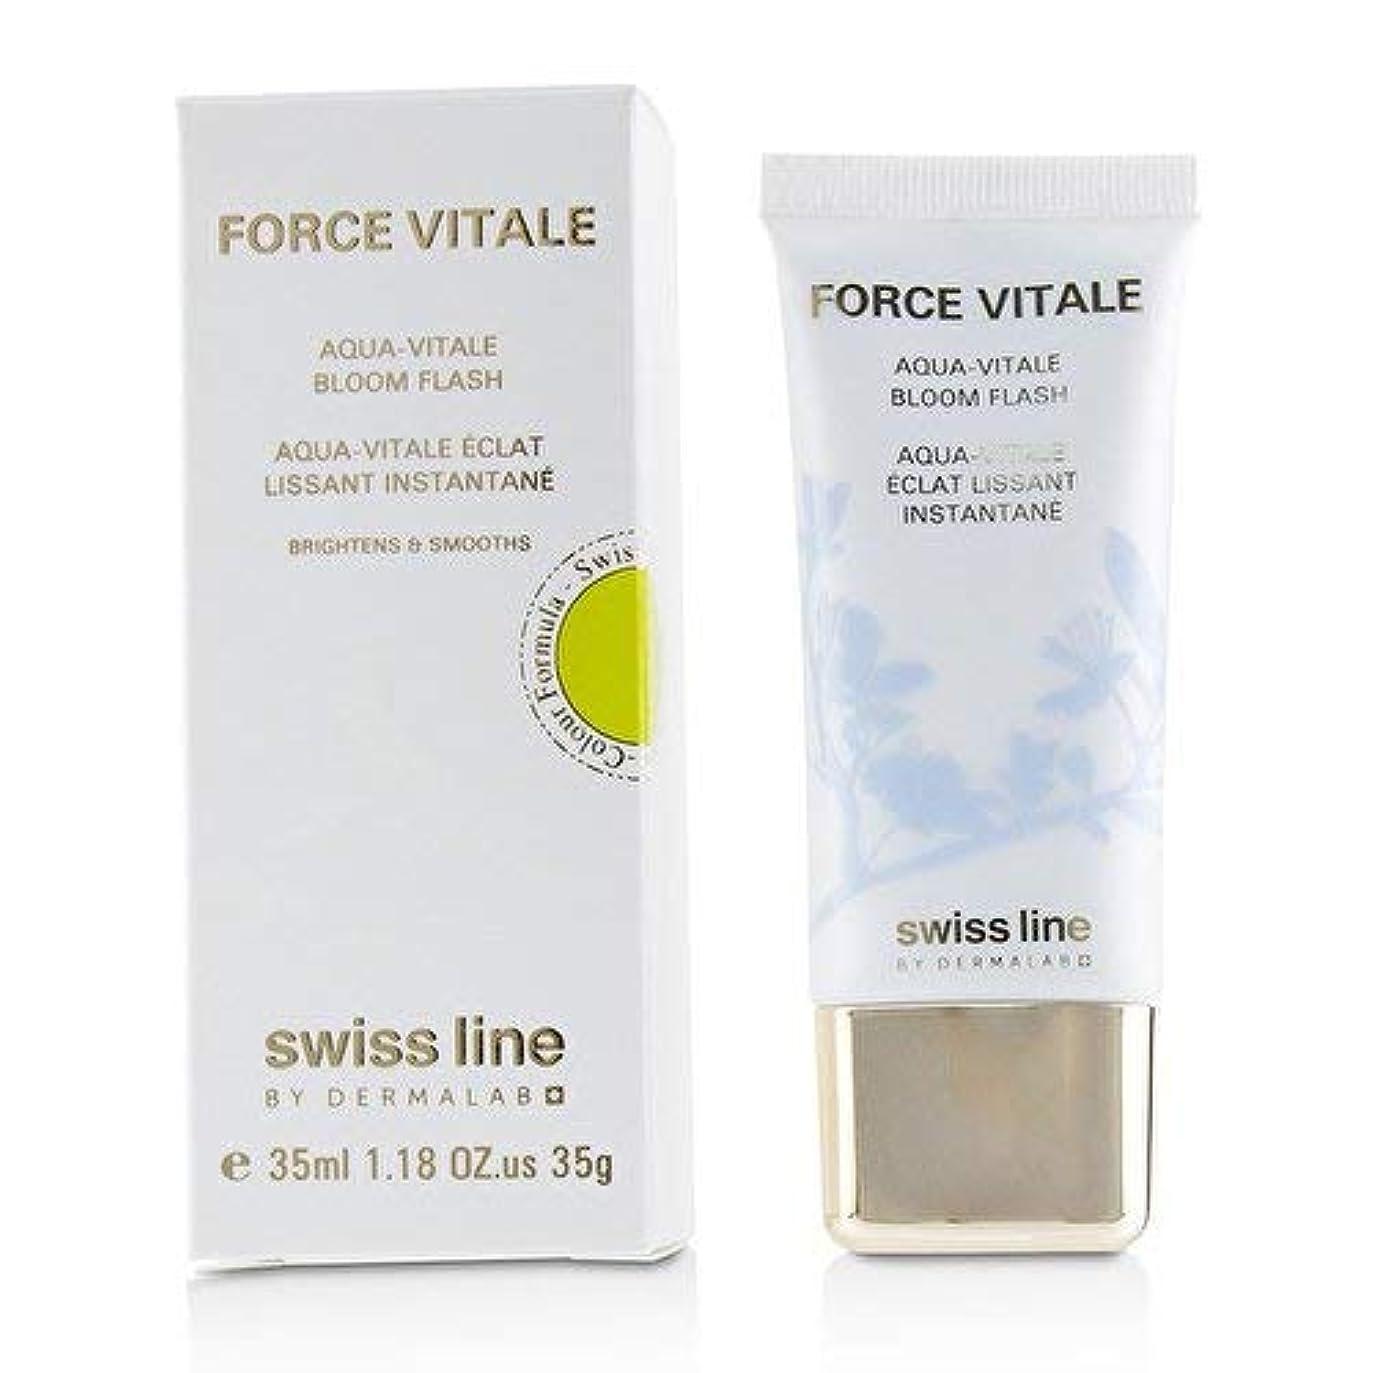 スクリュー検査官新鮮なスイスライン Force Vitale Aqua-Vitale Bloom Flash 35ml並行輸入品